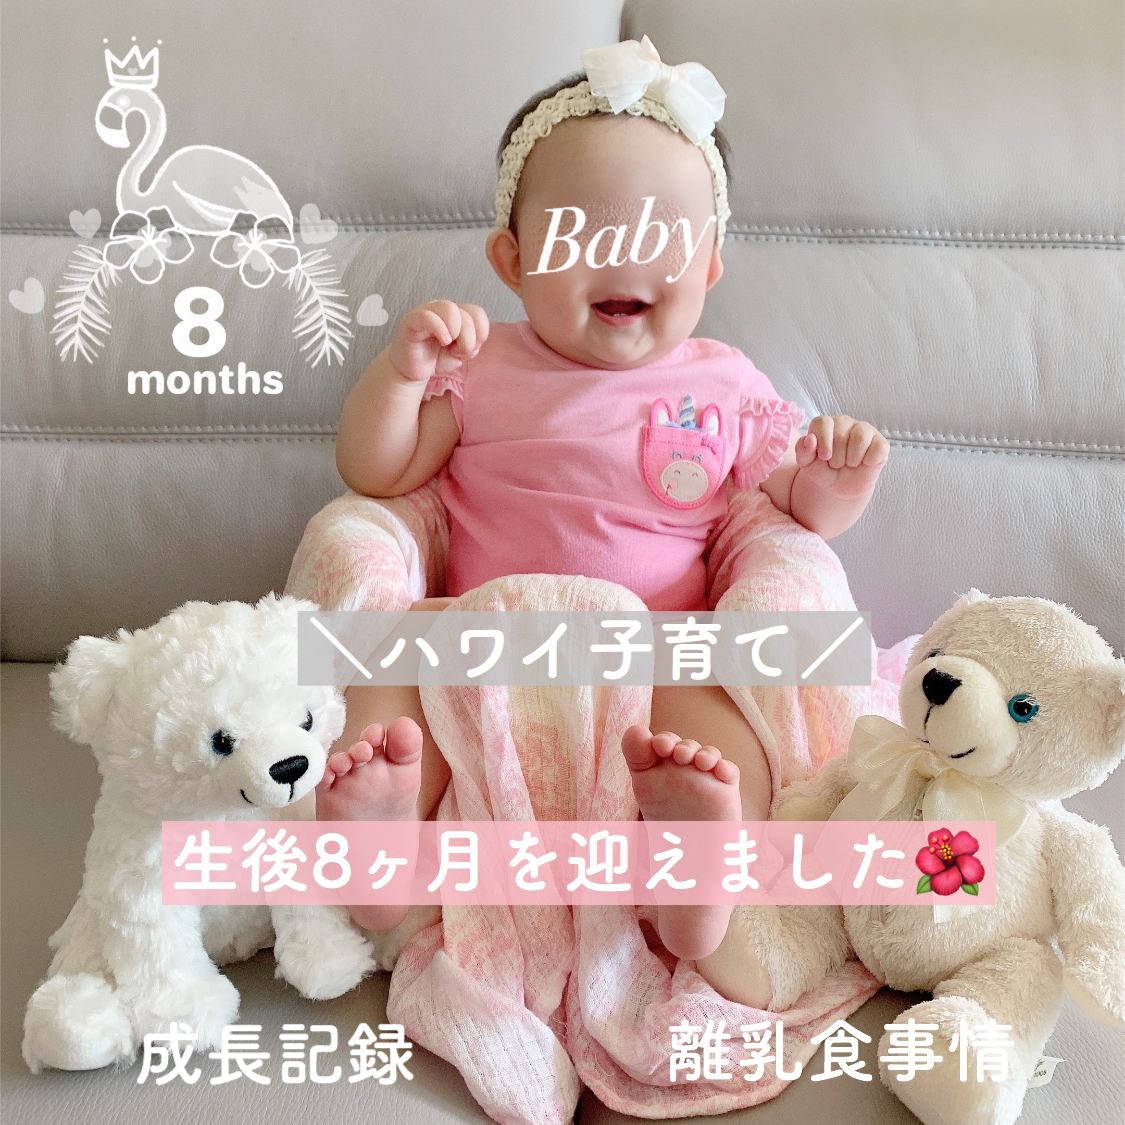 【ハワイ子育て】娘の成長記録と離乳食事情【生後8ヶ月】